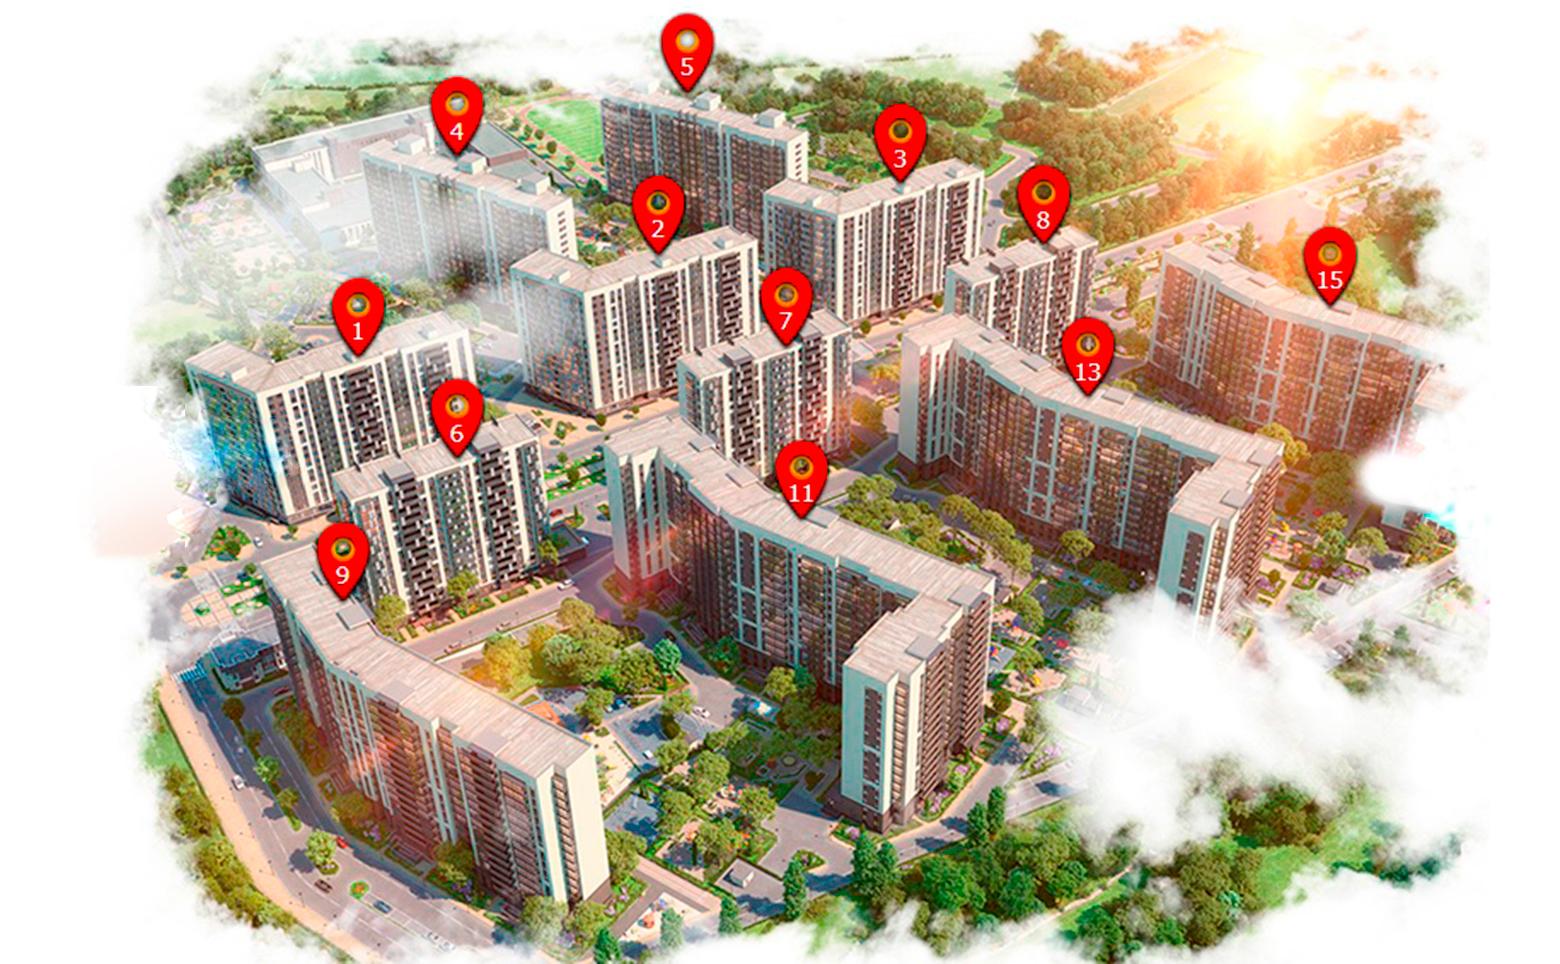 План жилого комплекса ЖК Солнечный